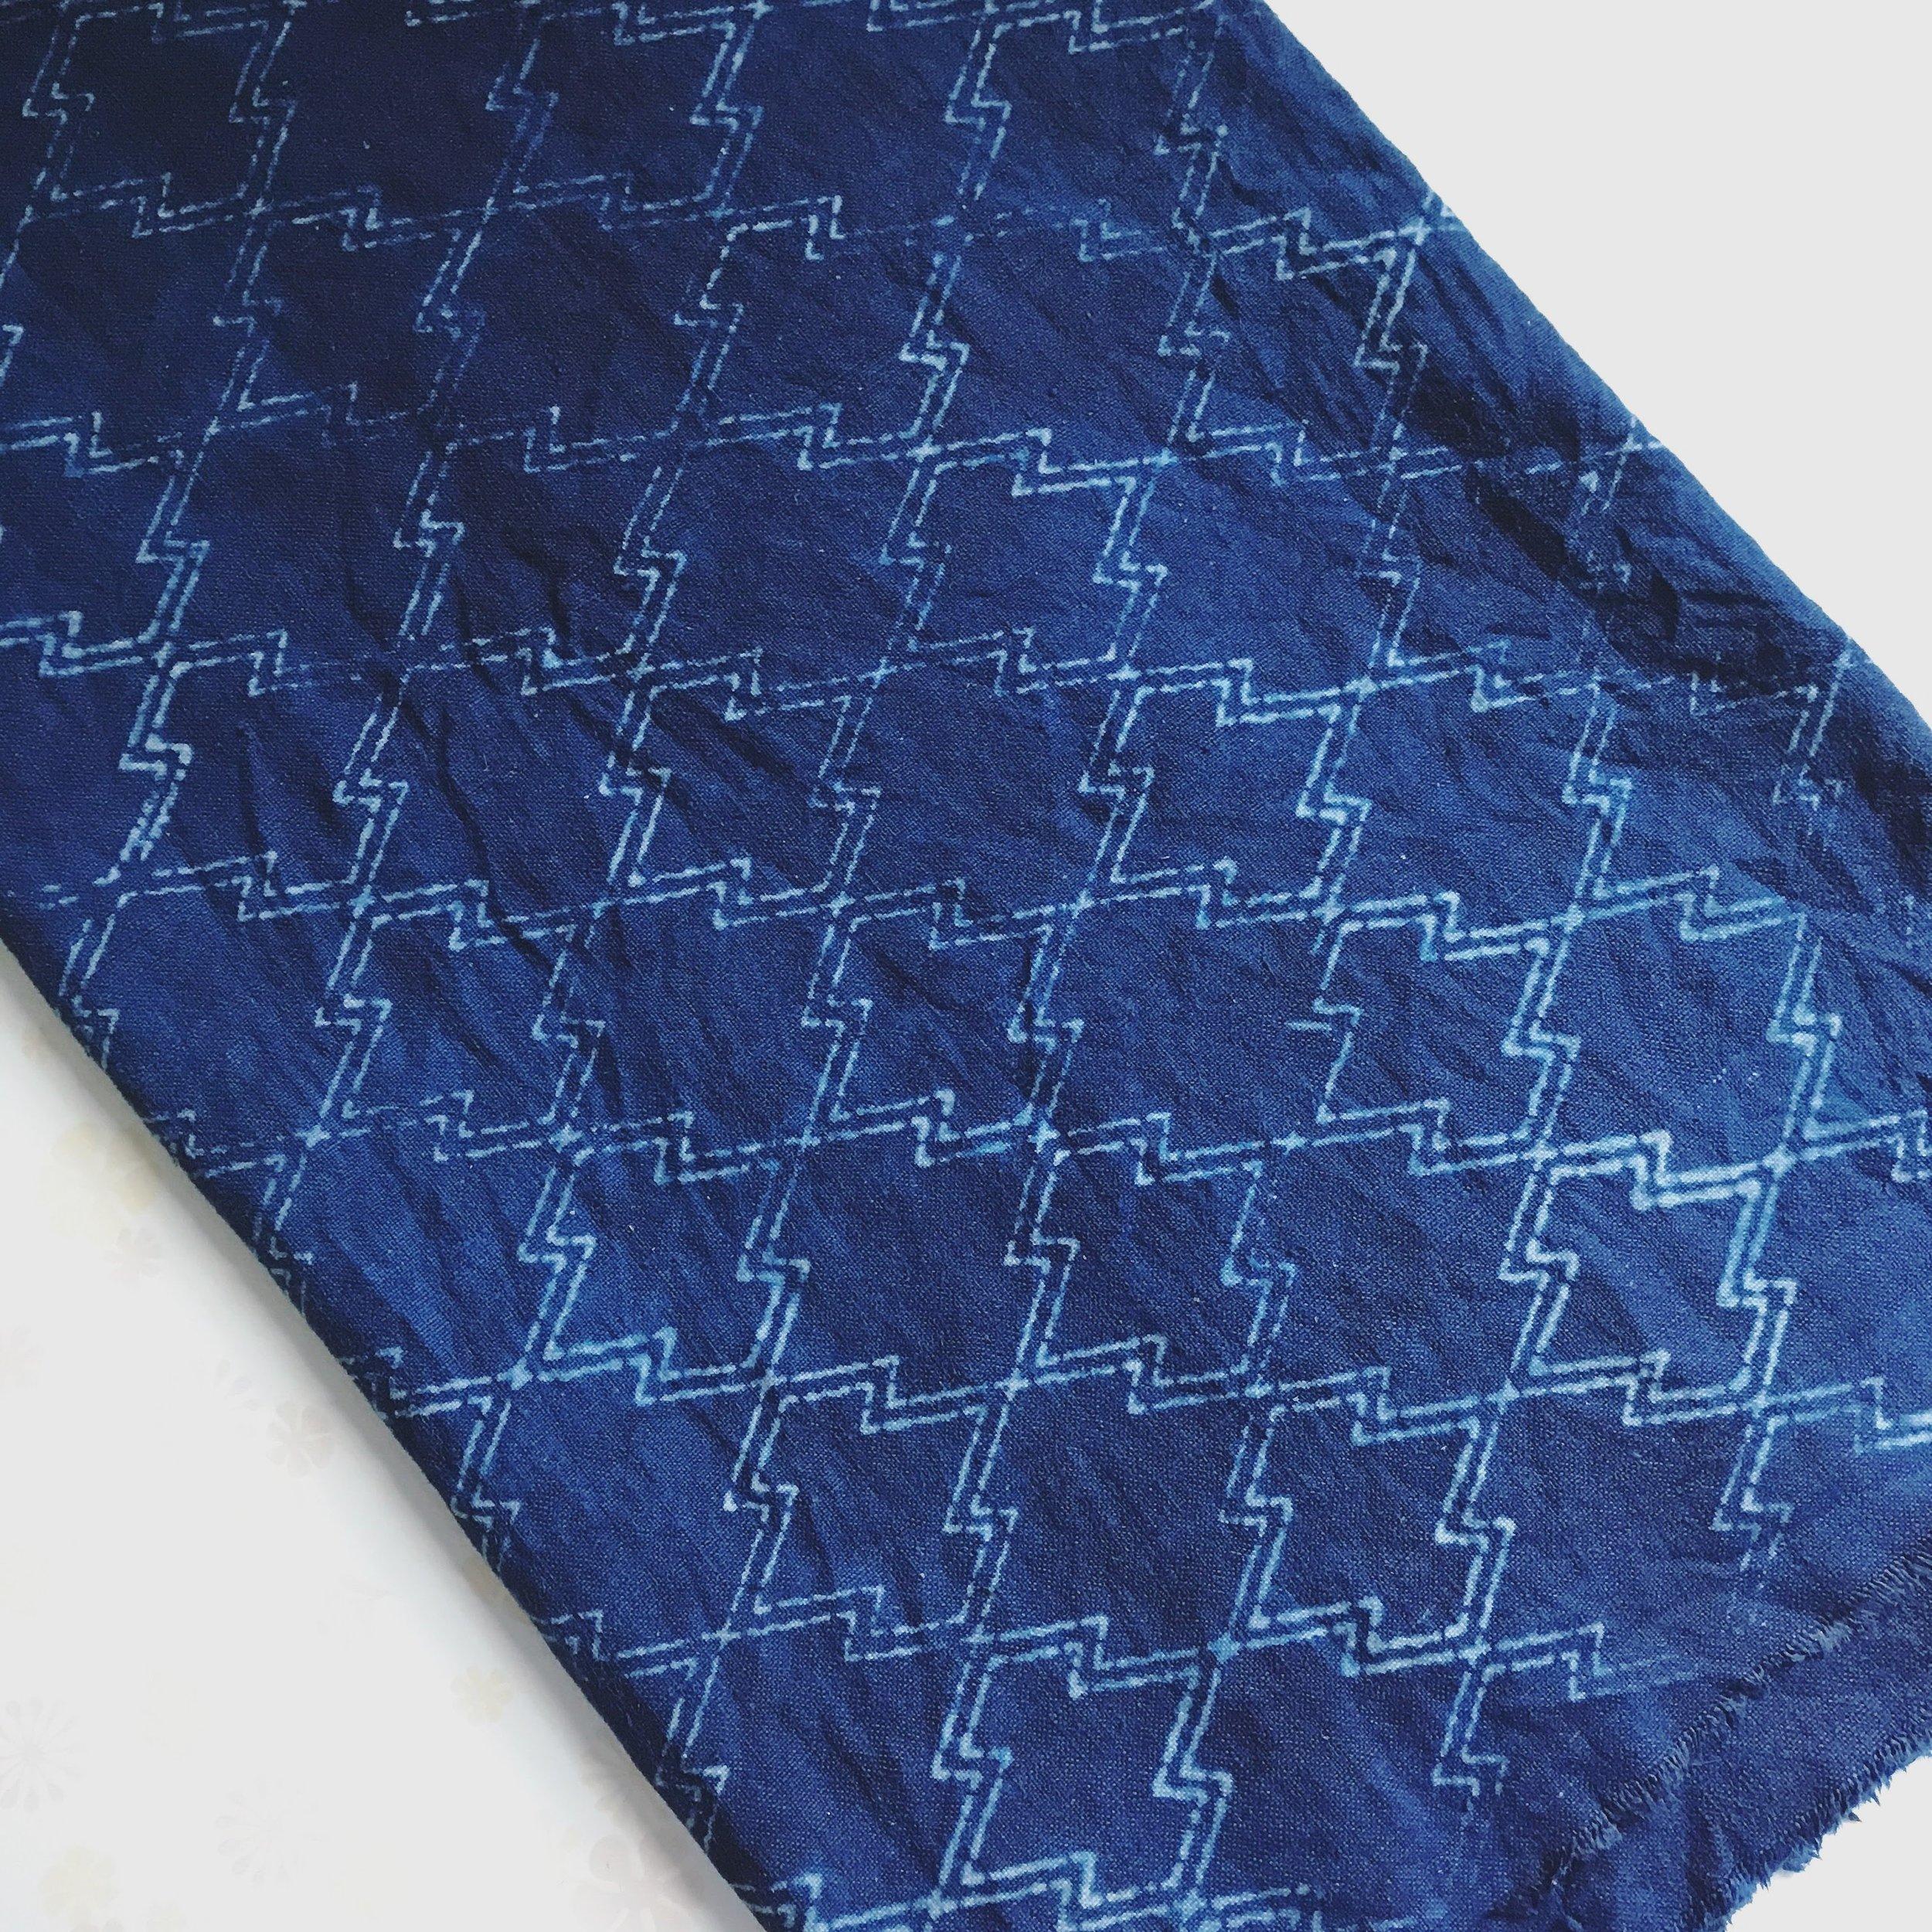 Hand Dyed Indigo Katazome fabric